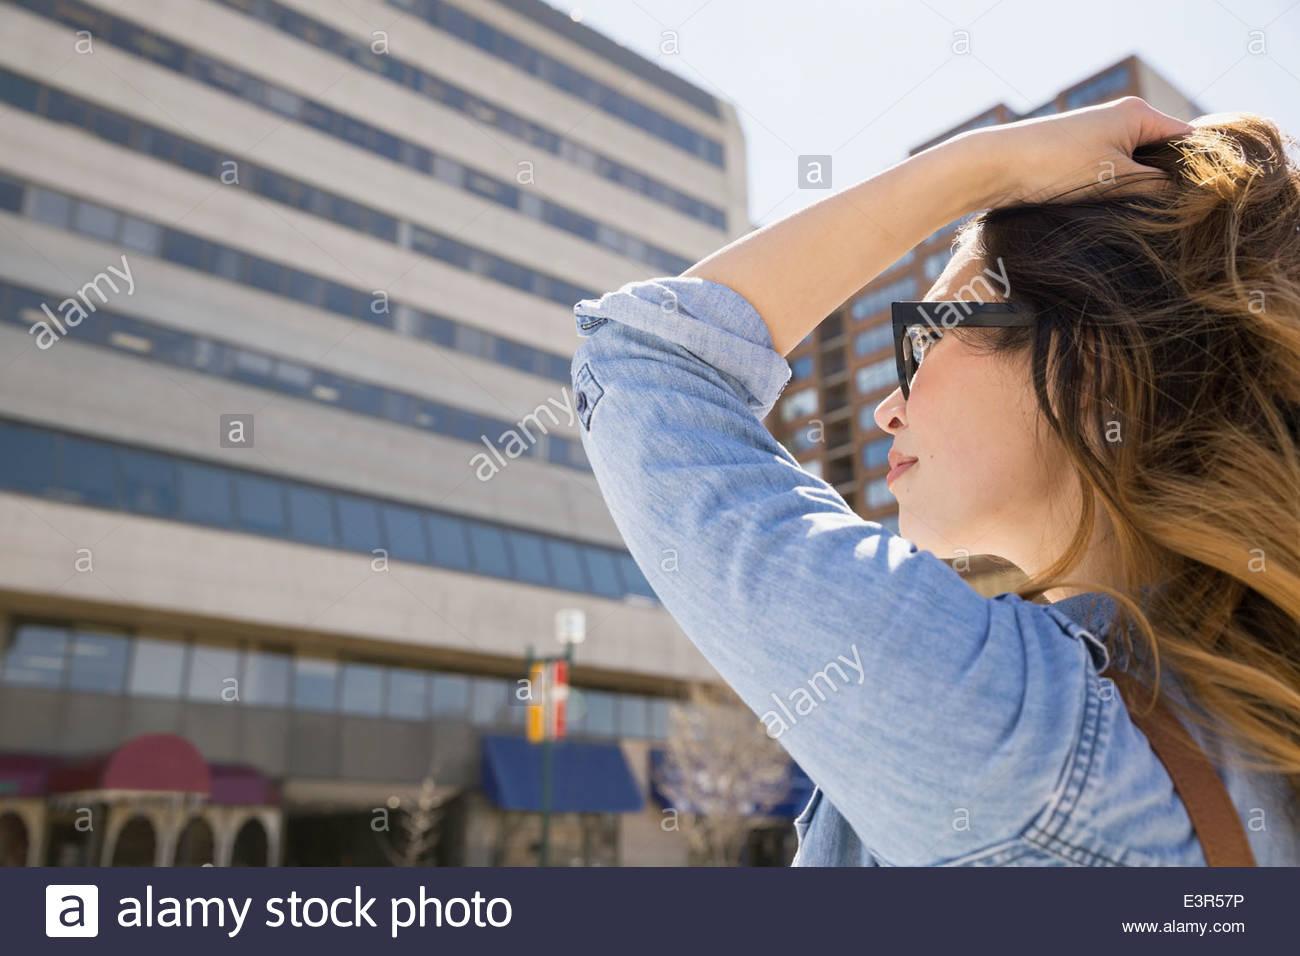 Mujer con la mano en el cabello en la soleada calle urbana Imagen De Stock